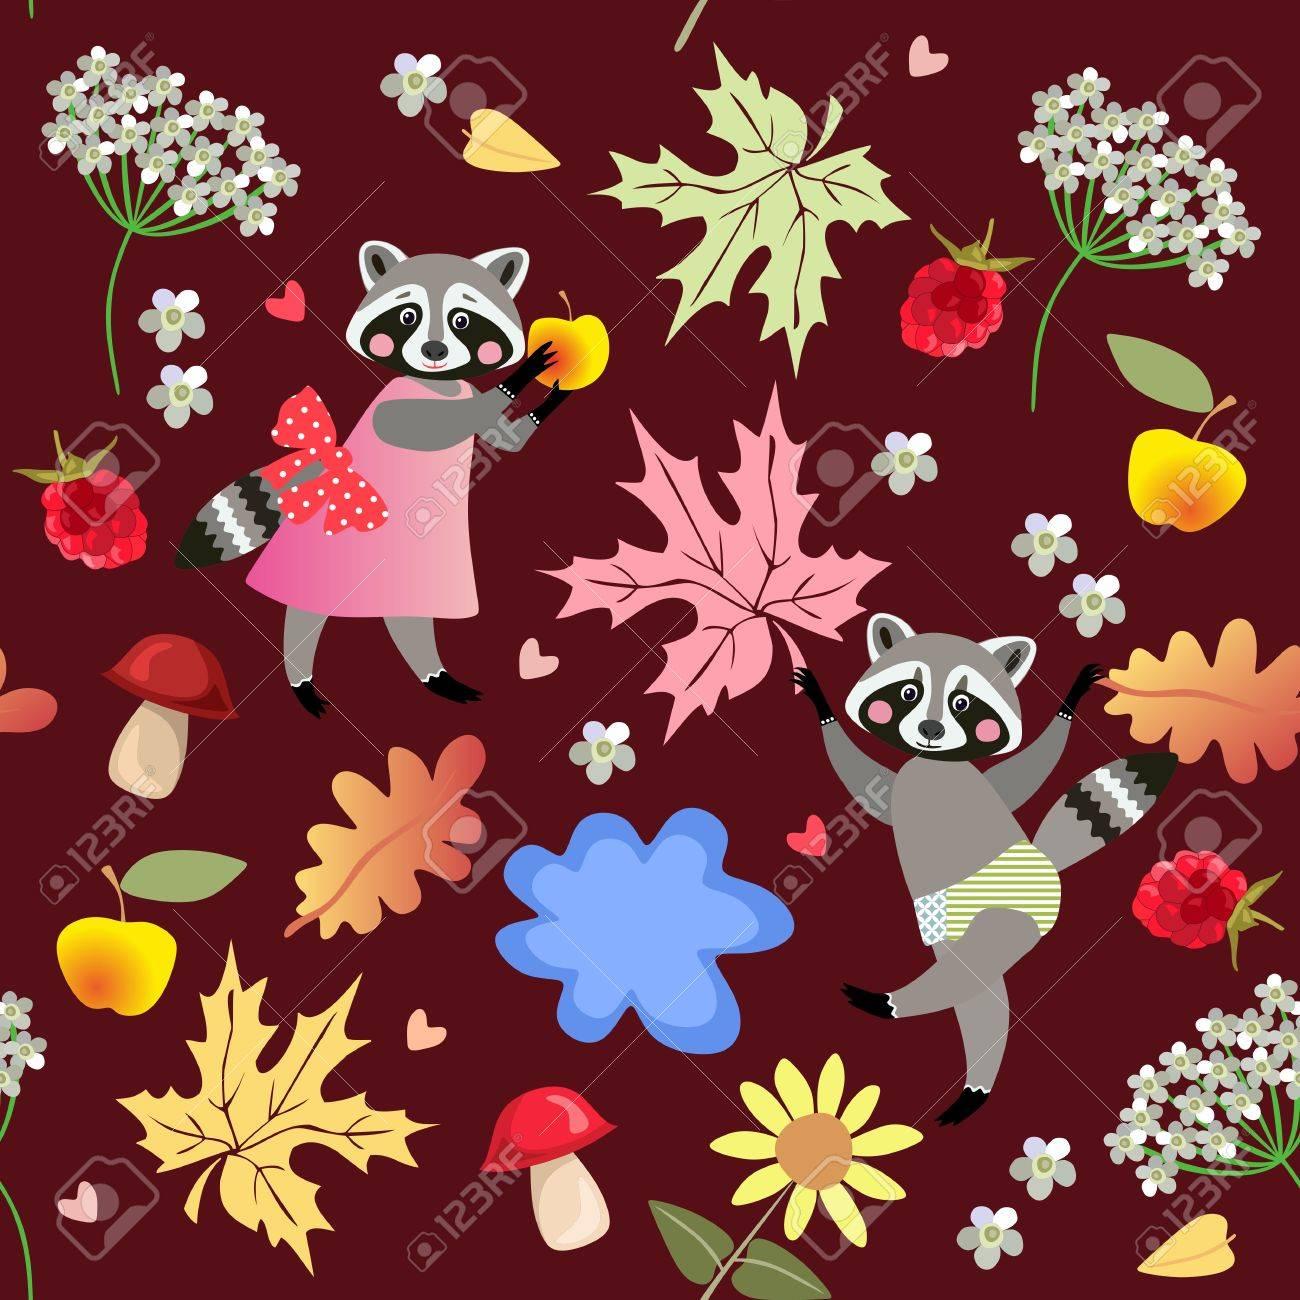 24215c4cd83f49 Nahtlose Vektor-Muster Mit Niedlichen Cartoon-Waschbären